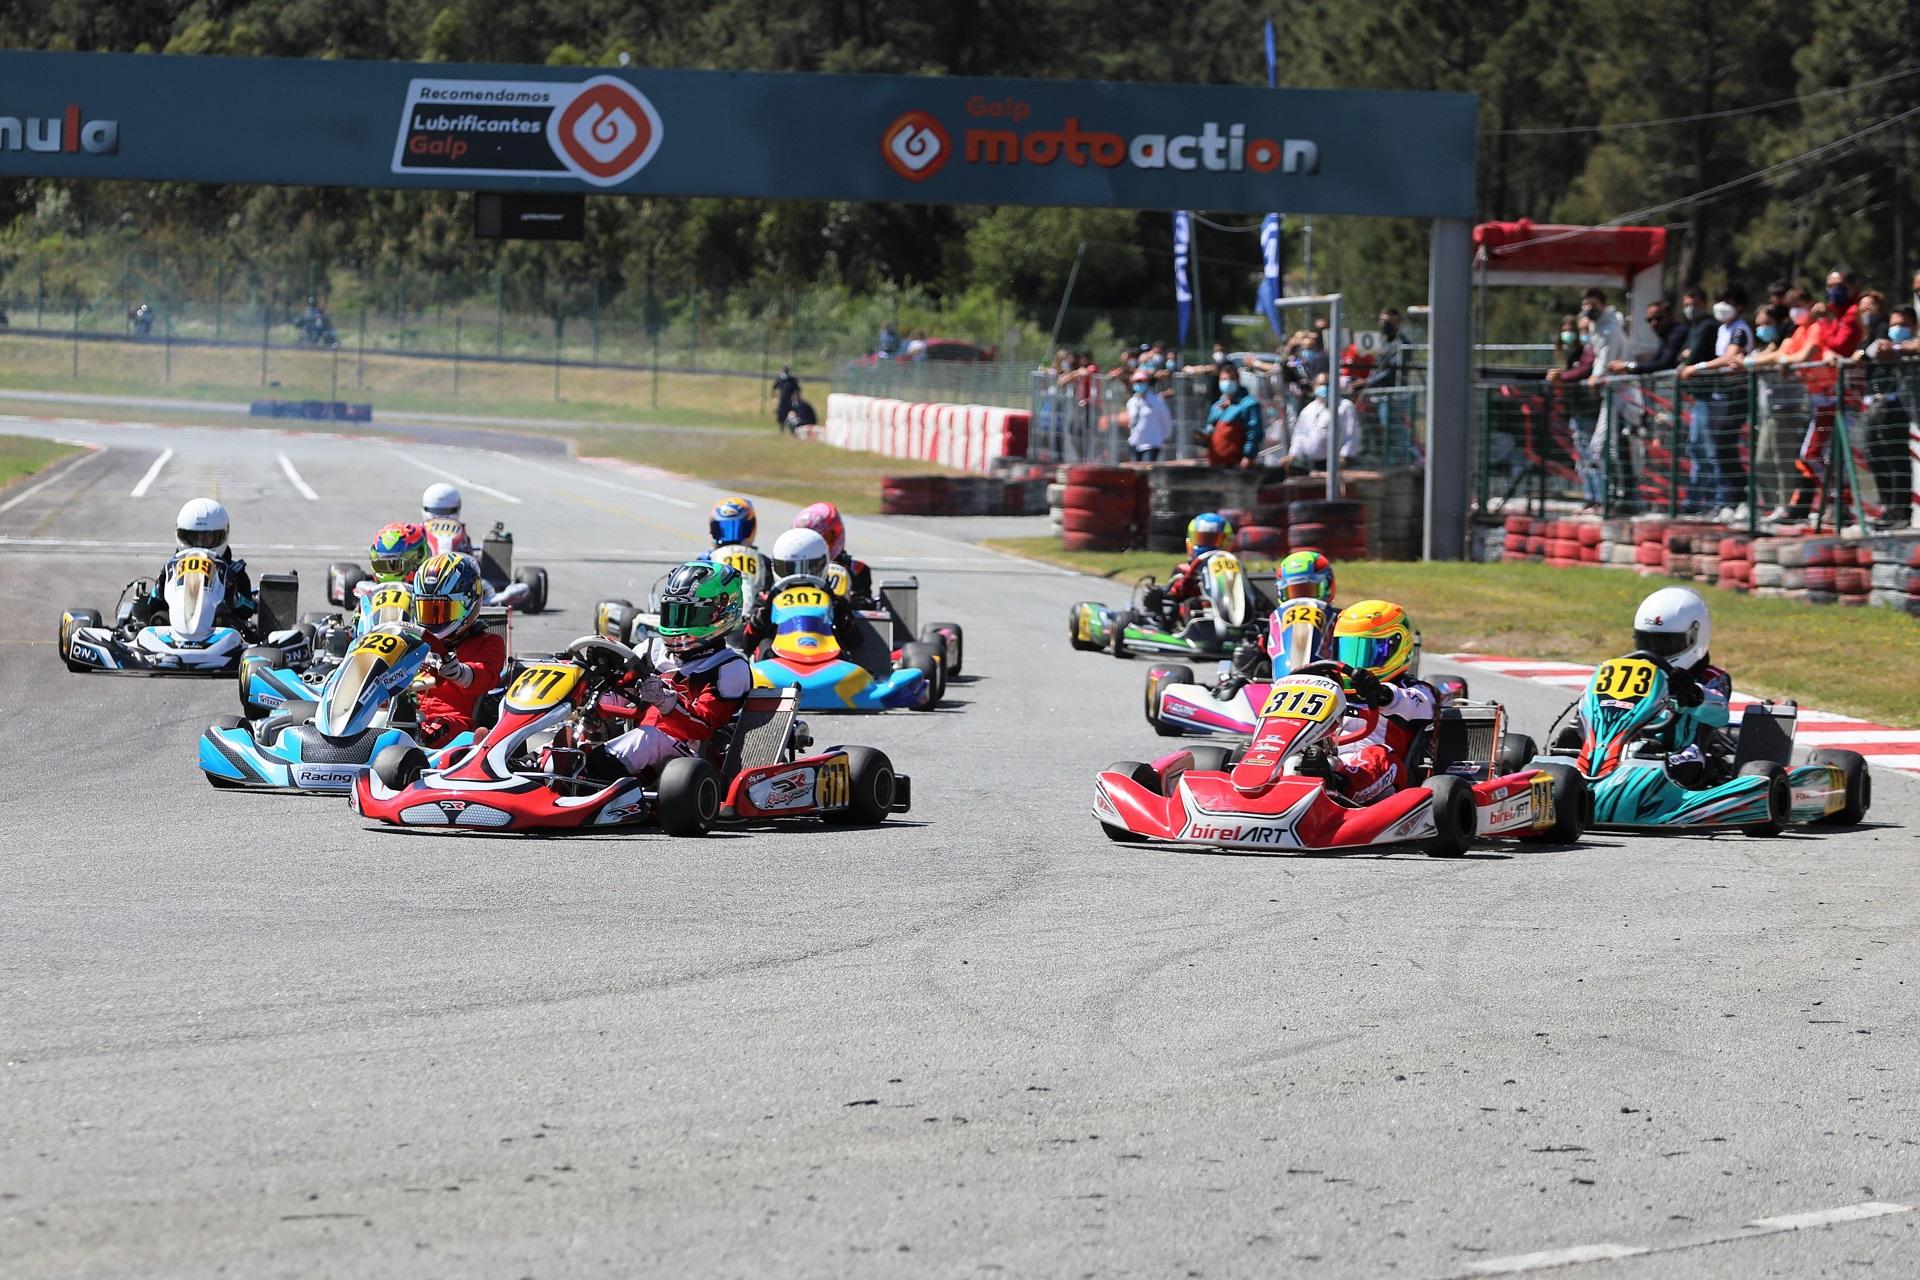 Primeira vitória de Rodrigo Vilaça no CPK da categoria Júnior em Viana do Castelo